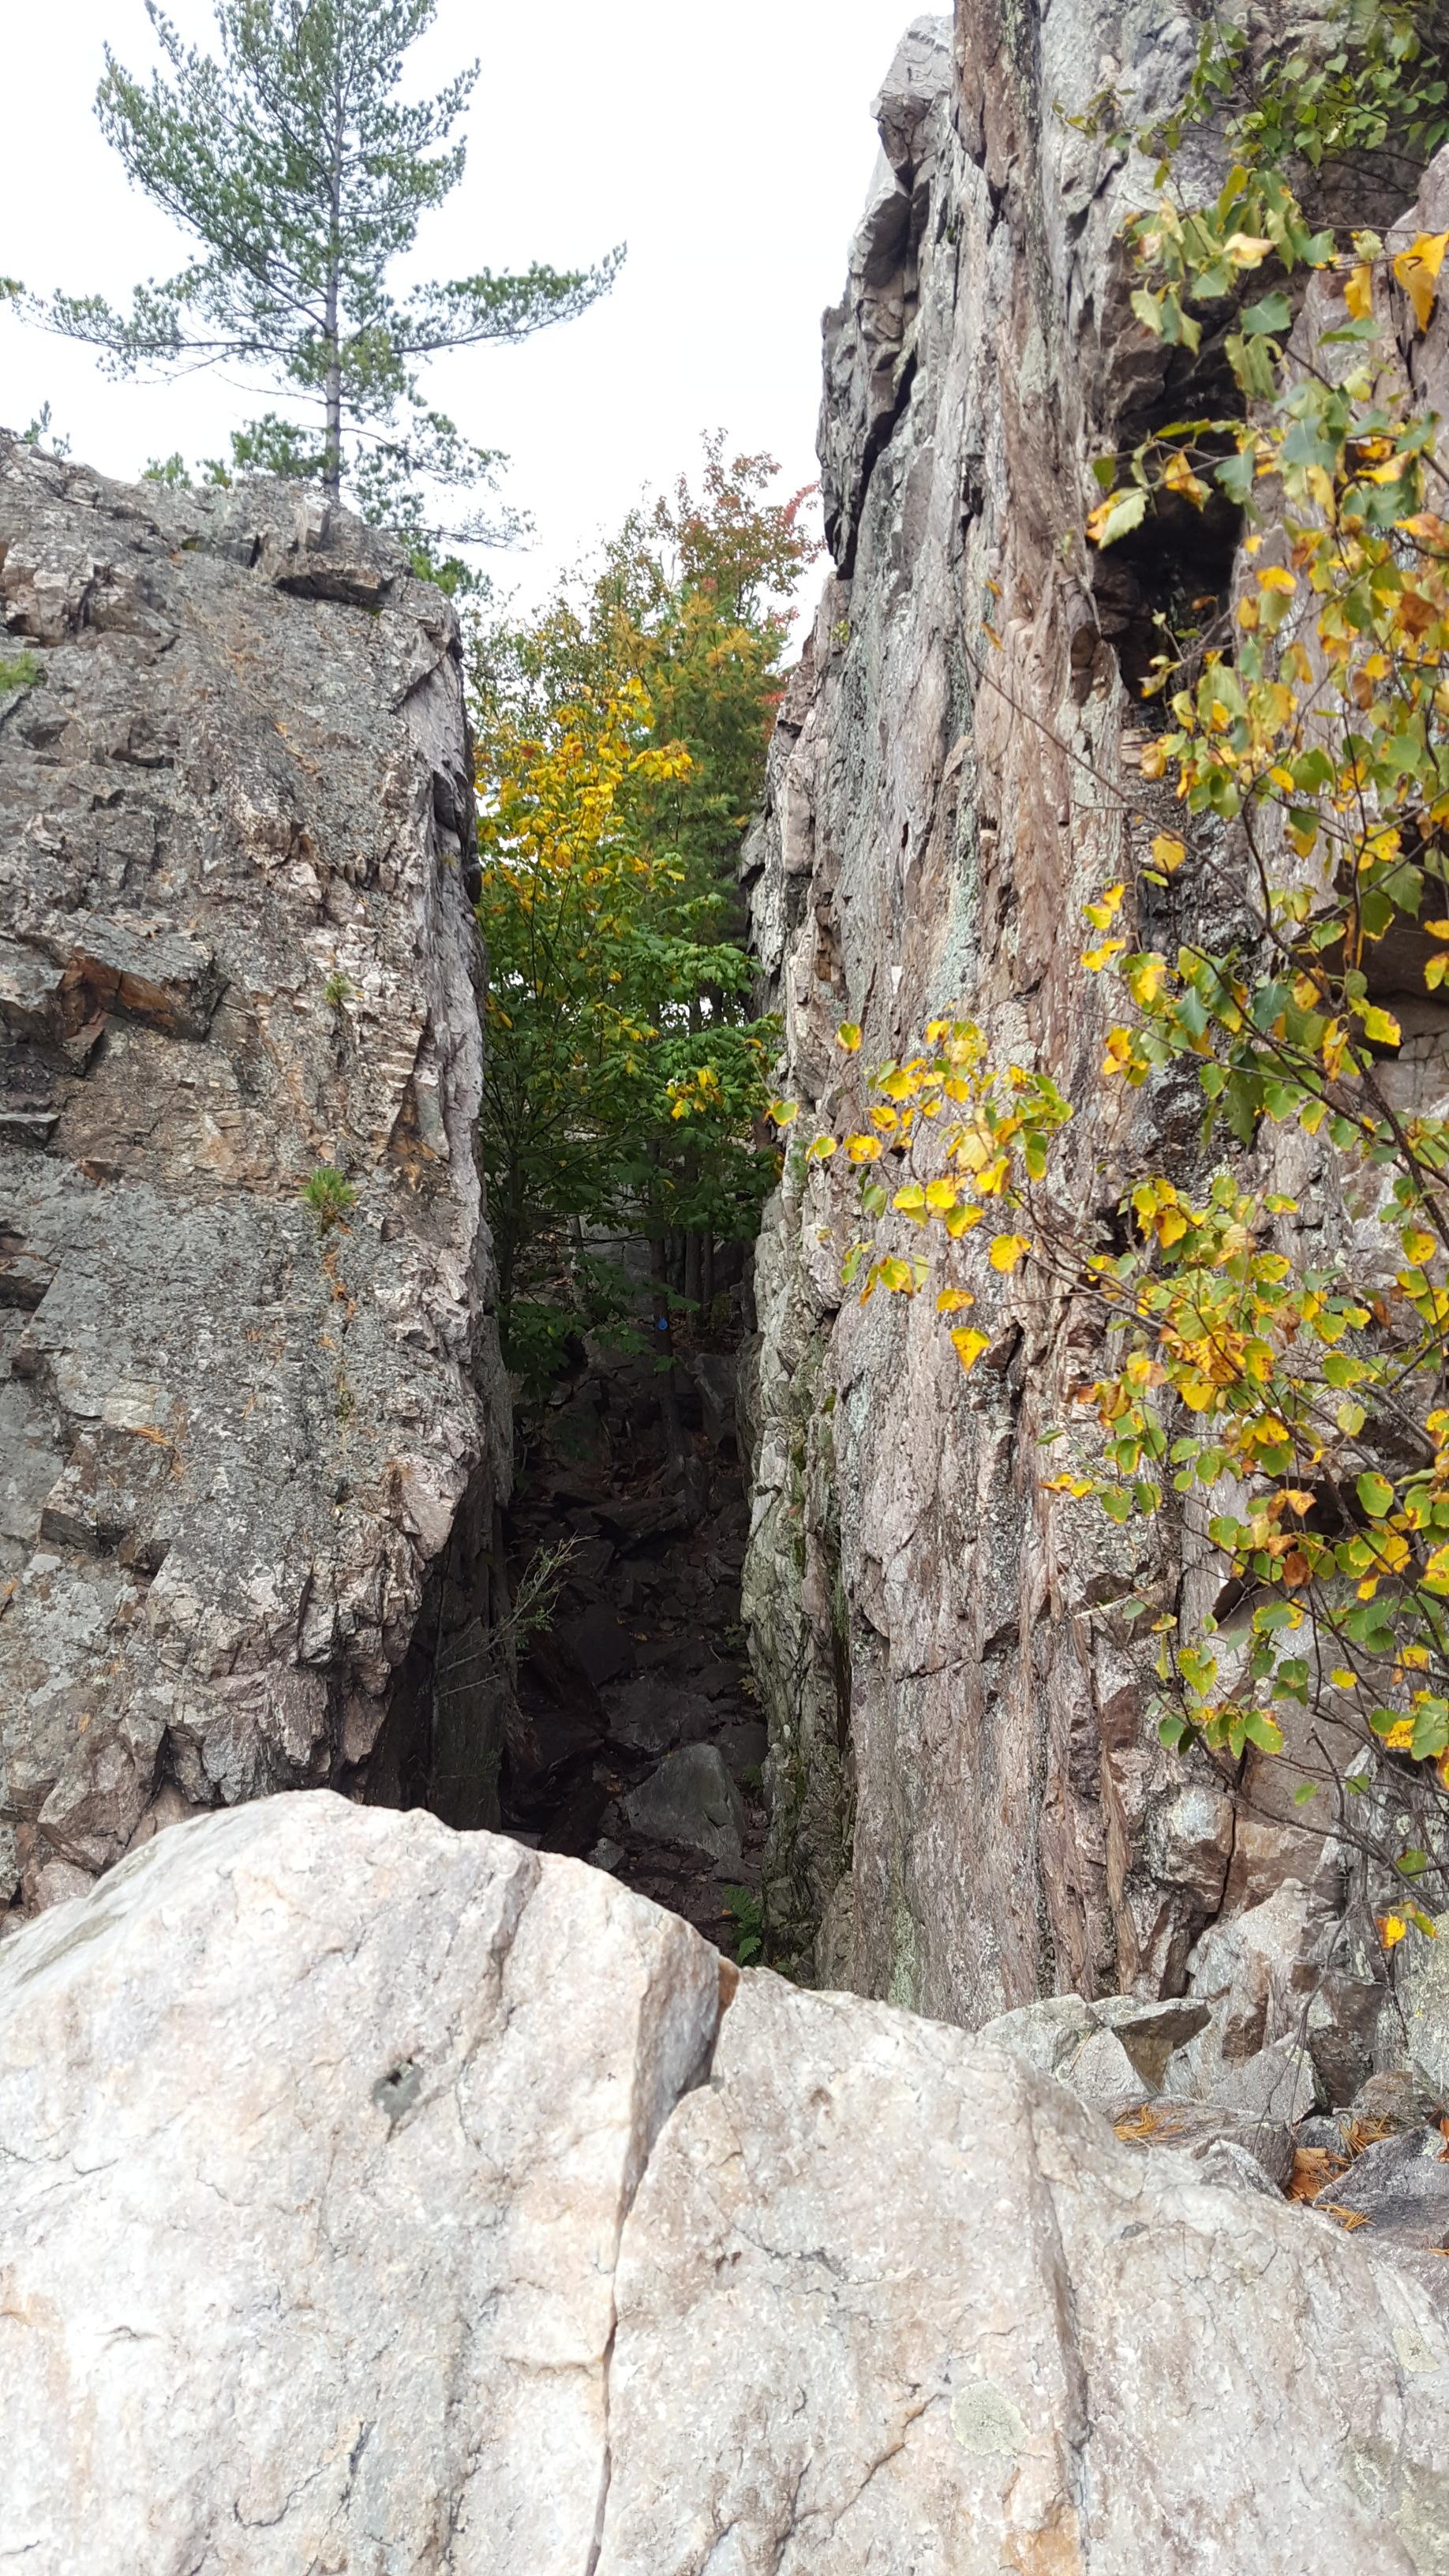 TC - the crevasse